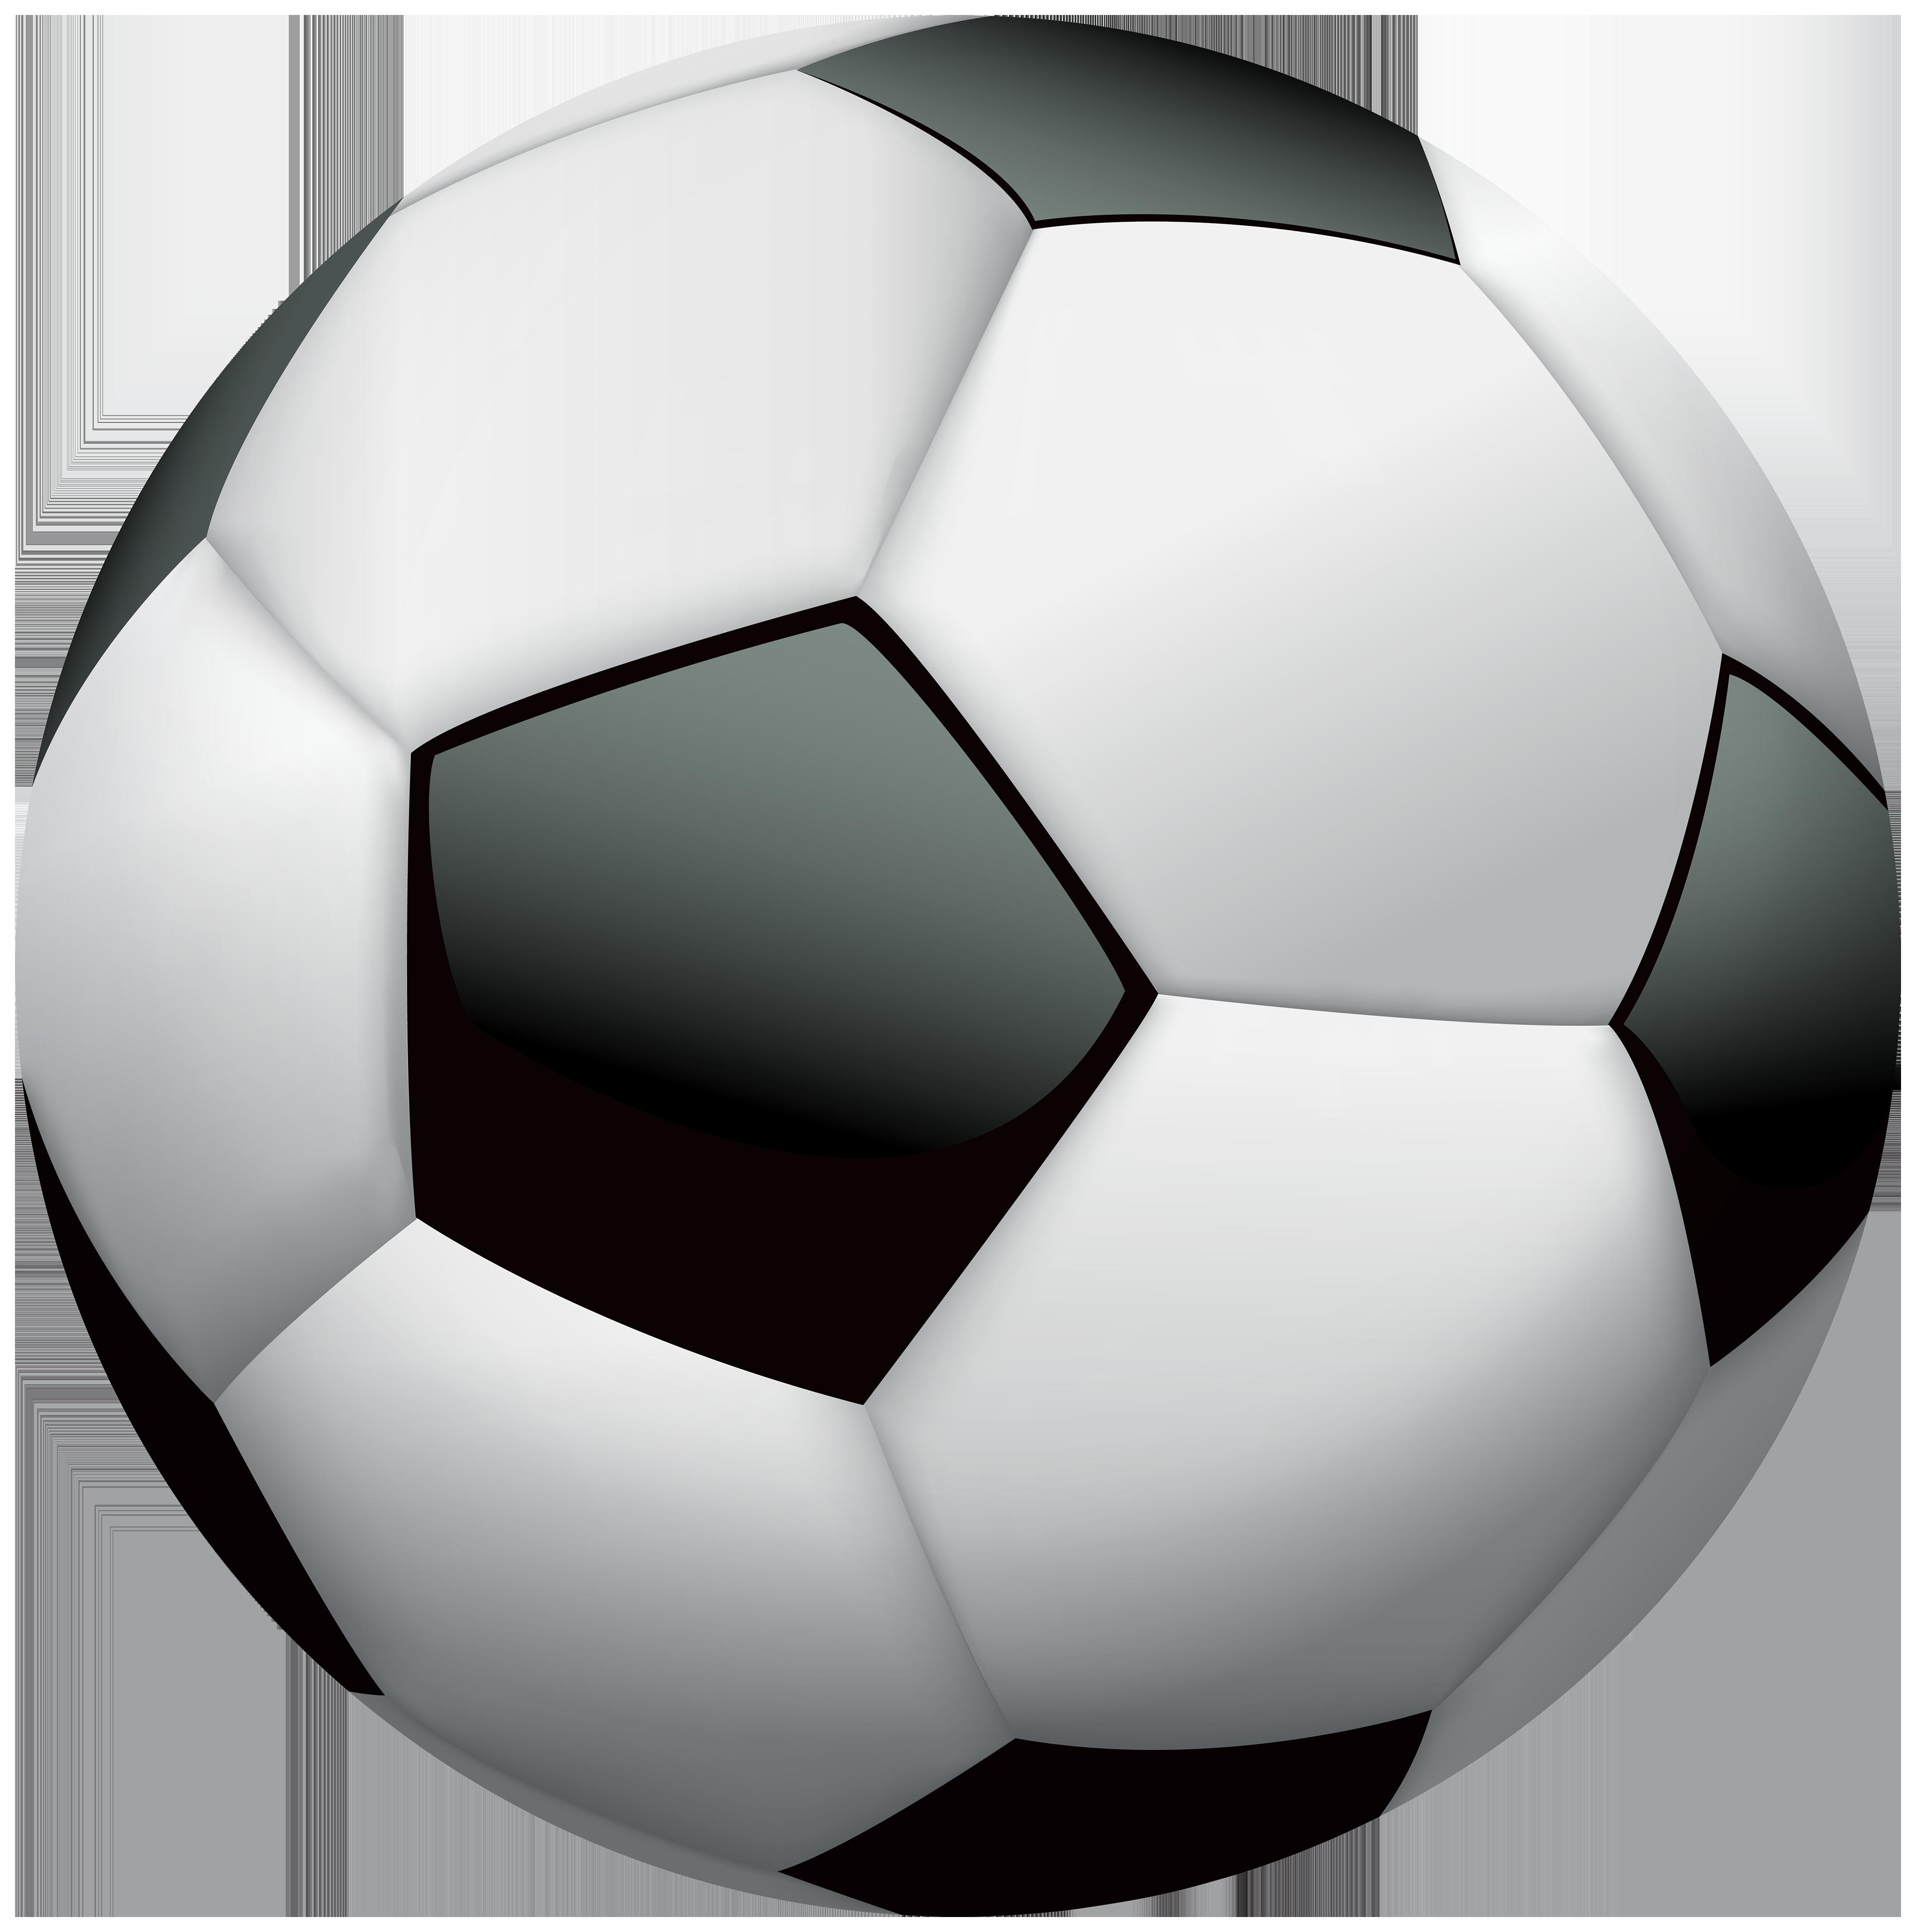 jpg transparent download Png best web. Grass clipart soccer ball